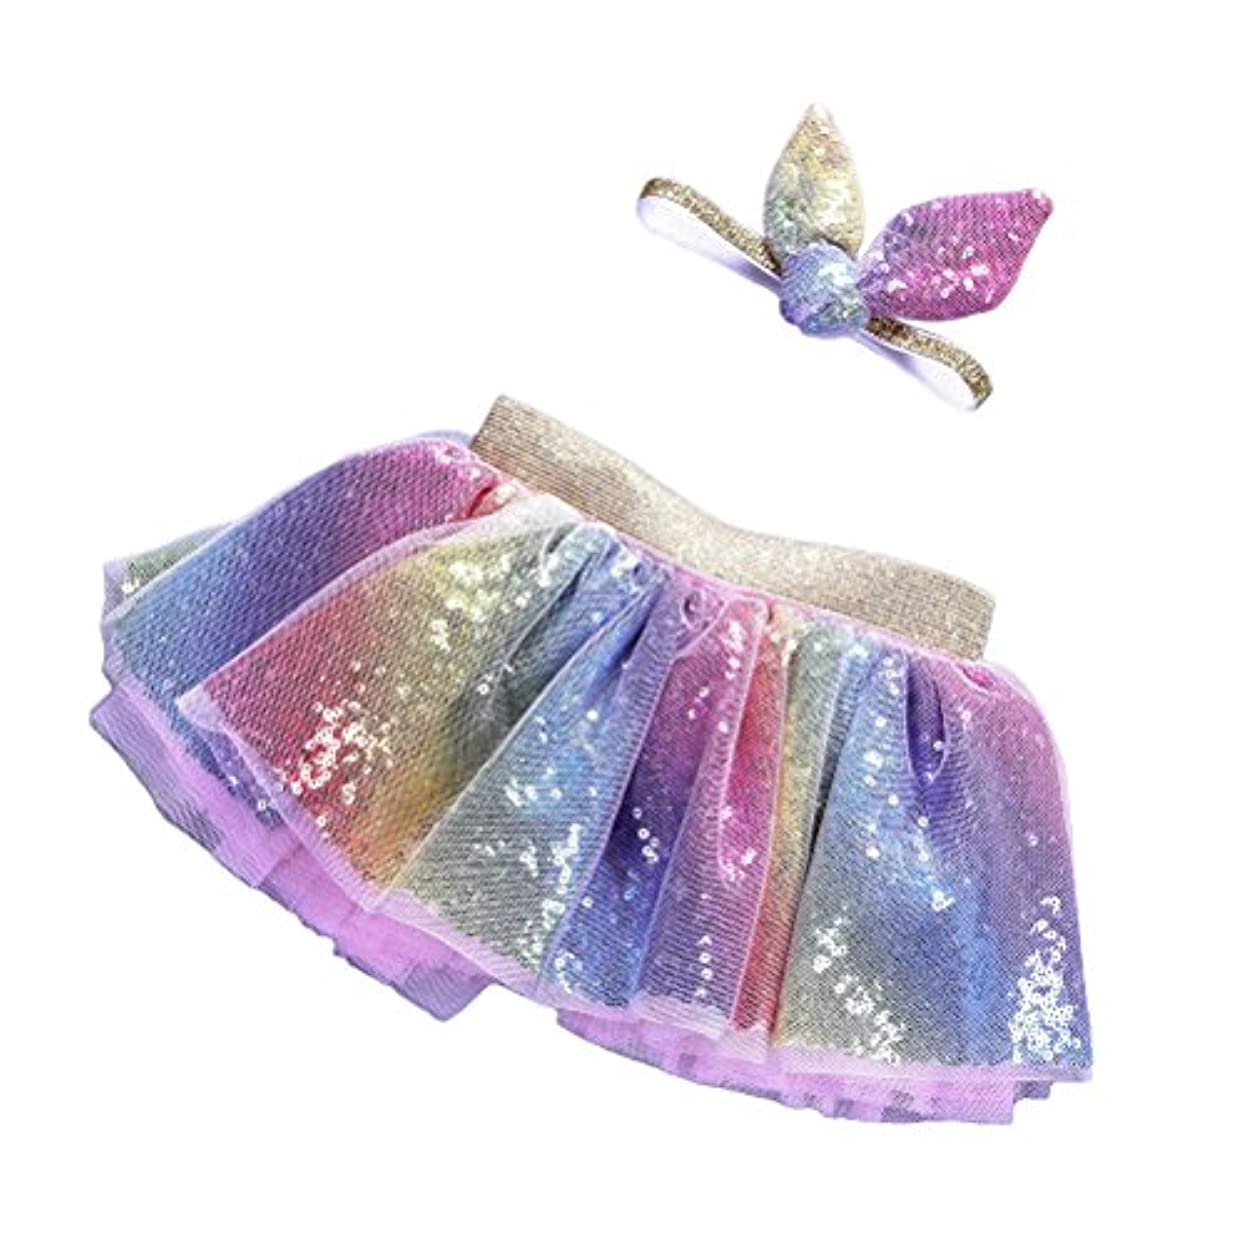 ライナー制約人物LUOEM 2PCSレインボーツツスカート(ヘッドバンド付き)プリンセスガールツツーの服装ベイビーガールズ誕生日の服セットサイズL(4-8歳)